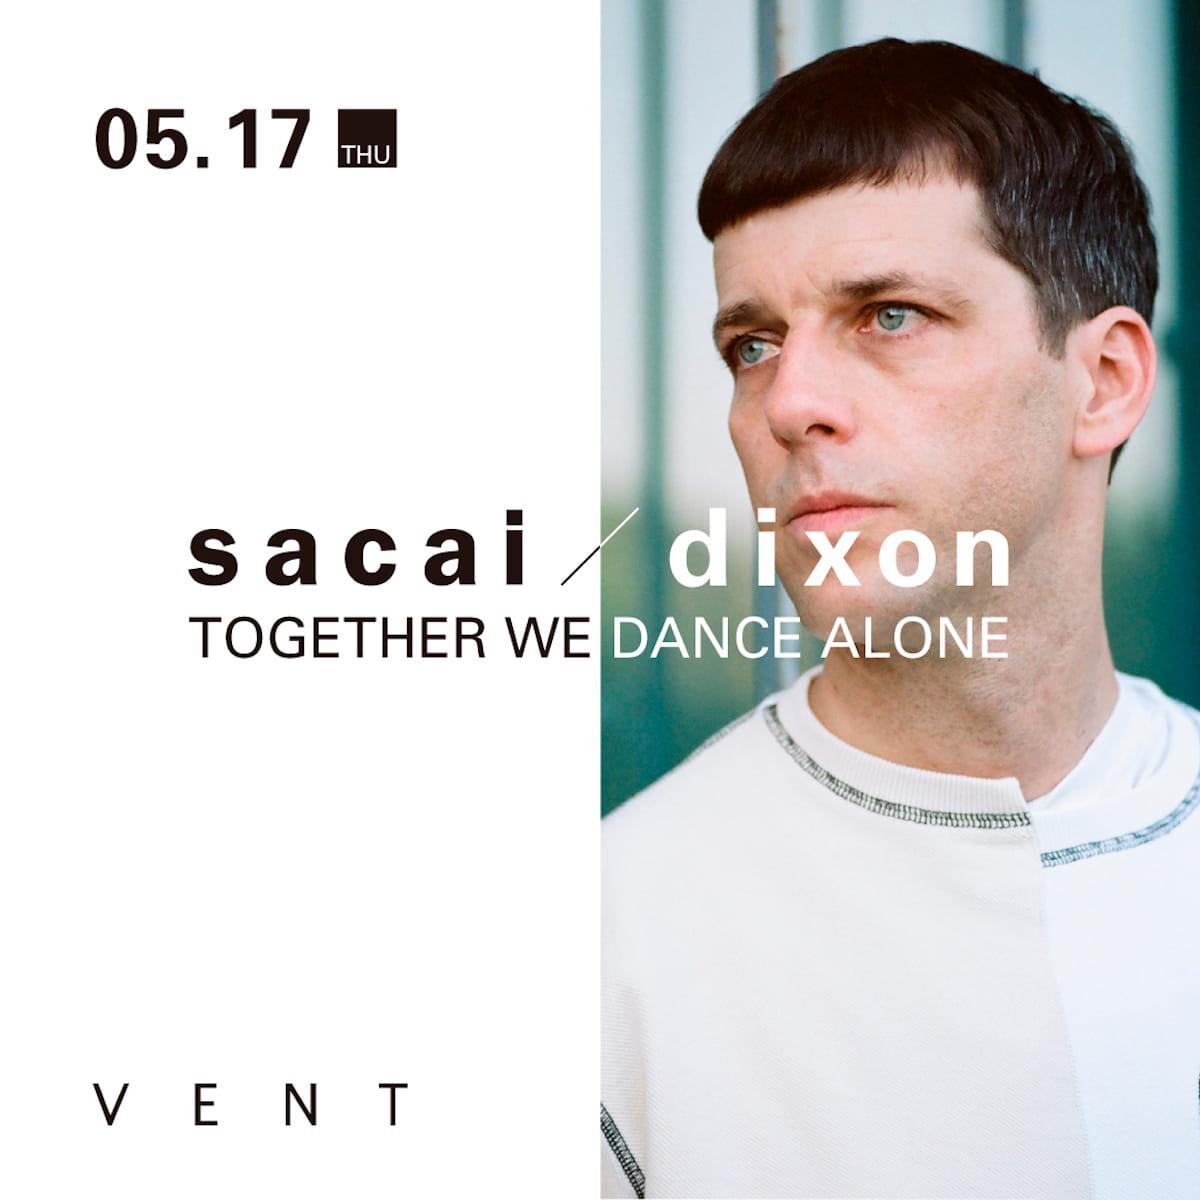 日本が世界に誇るファッションブランドsacaiと、4年連続「世界No.1」トップ DJのDixonがコラボレーション・パーティーをVENTで開催 music180418_sacai_dixon_3-1200x1200